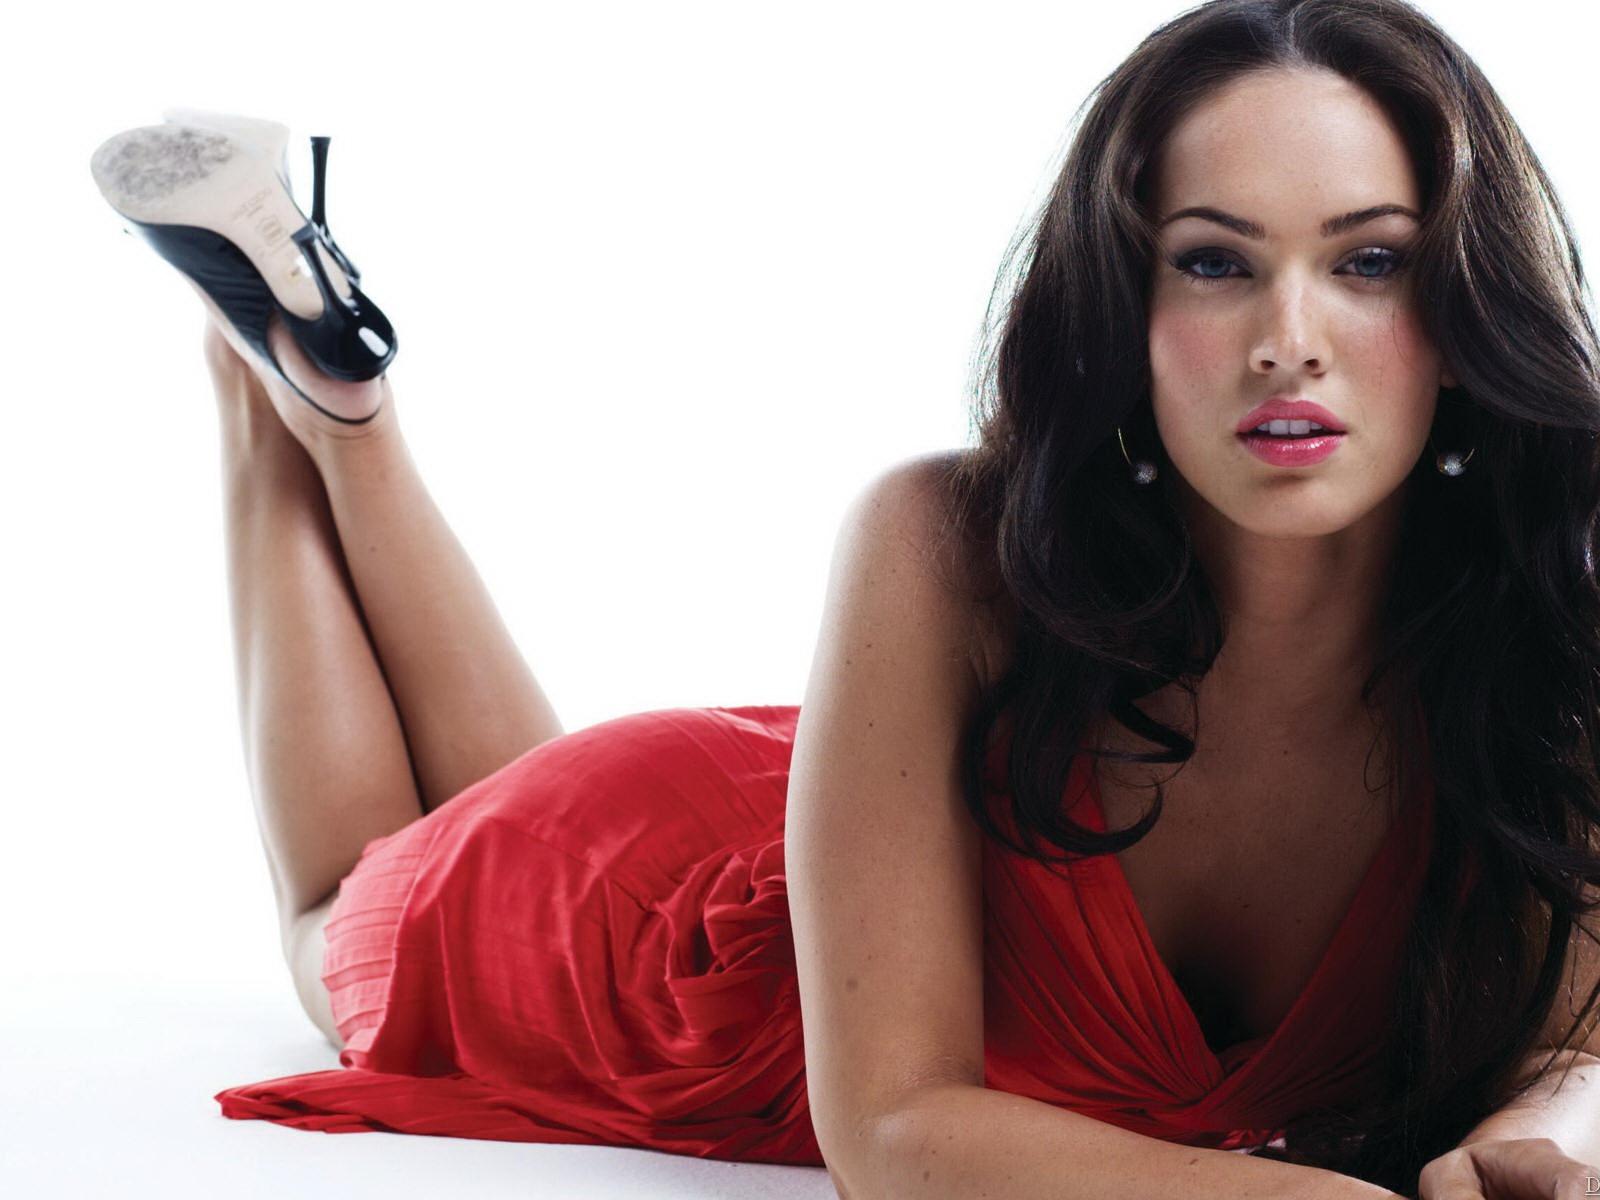 ミーガンフォックス美しい壁紙 (2) #28 - 1600x1200 壁紙ダウンロード - ミーガンフォックス美しい ... Megan Fox